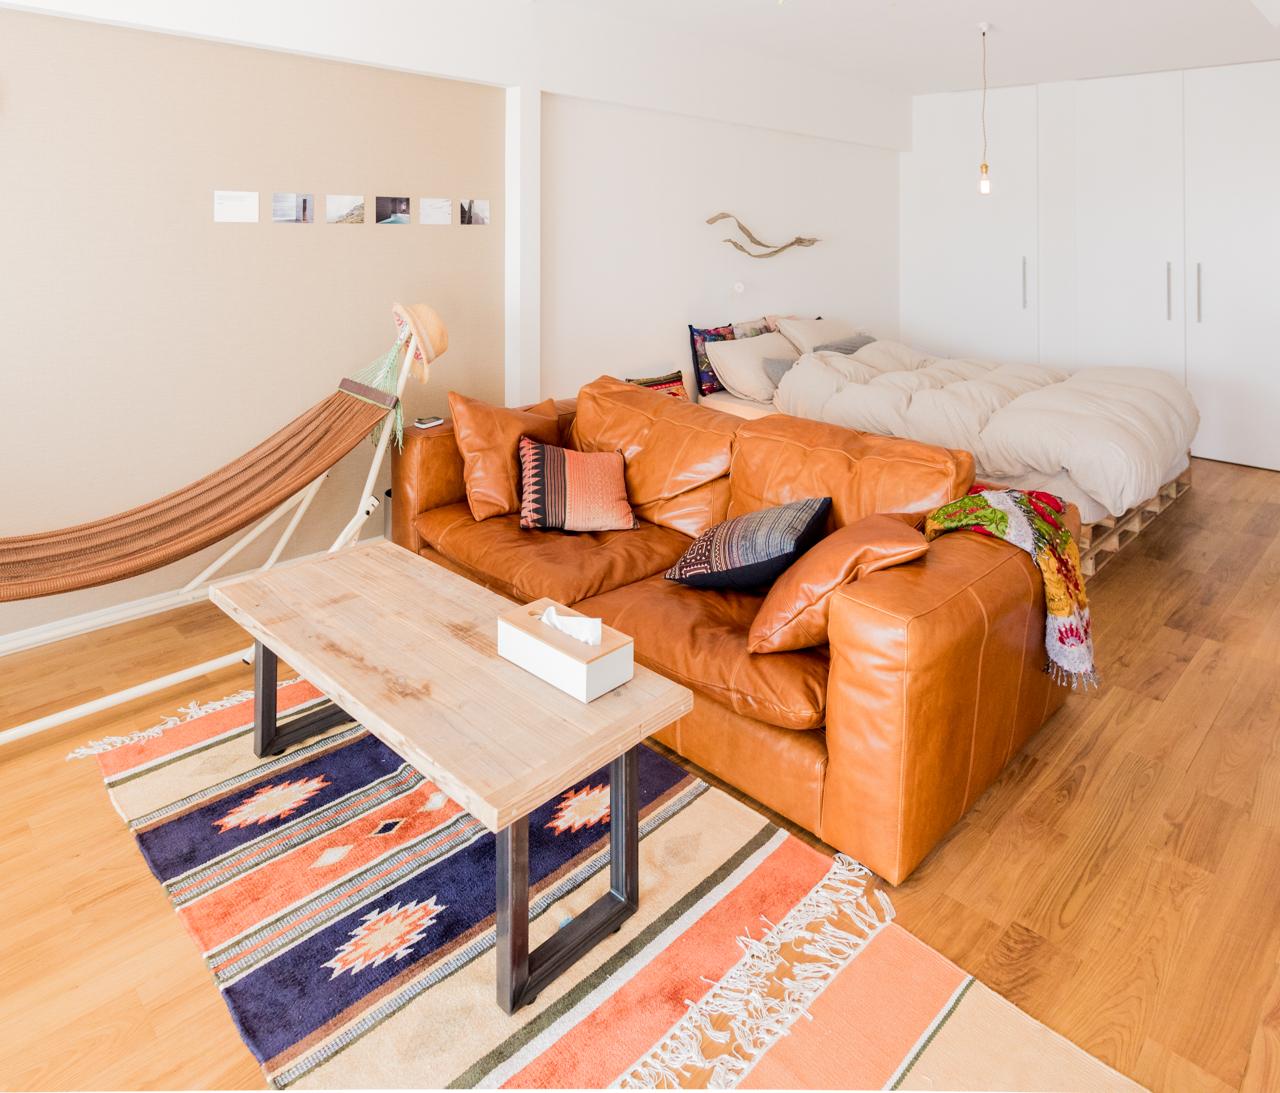 お部屋の顔となる革製ソファはお気に入りのものを購入。ベッドやテーブルなどはDIYで作られているお部屋(このお部屋はこちら)